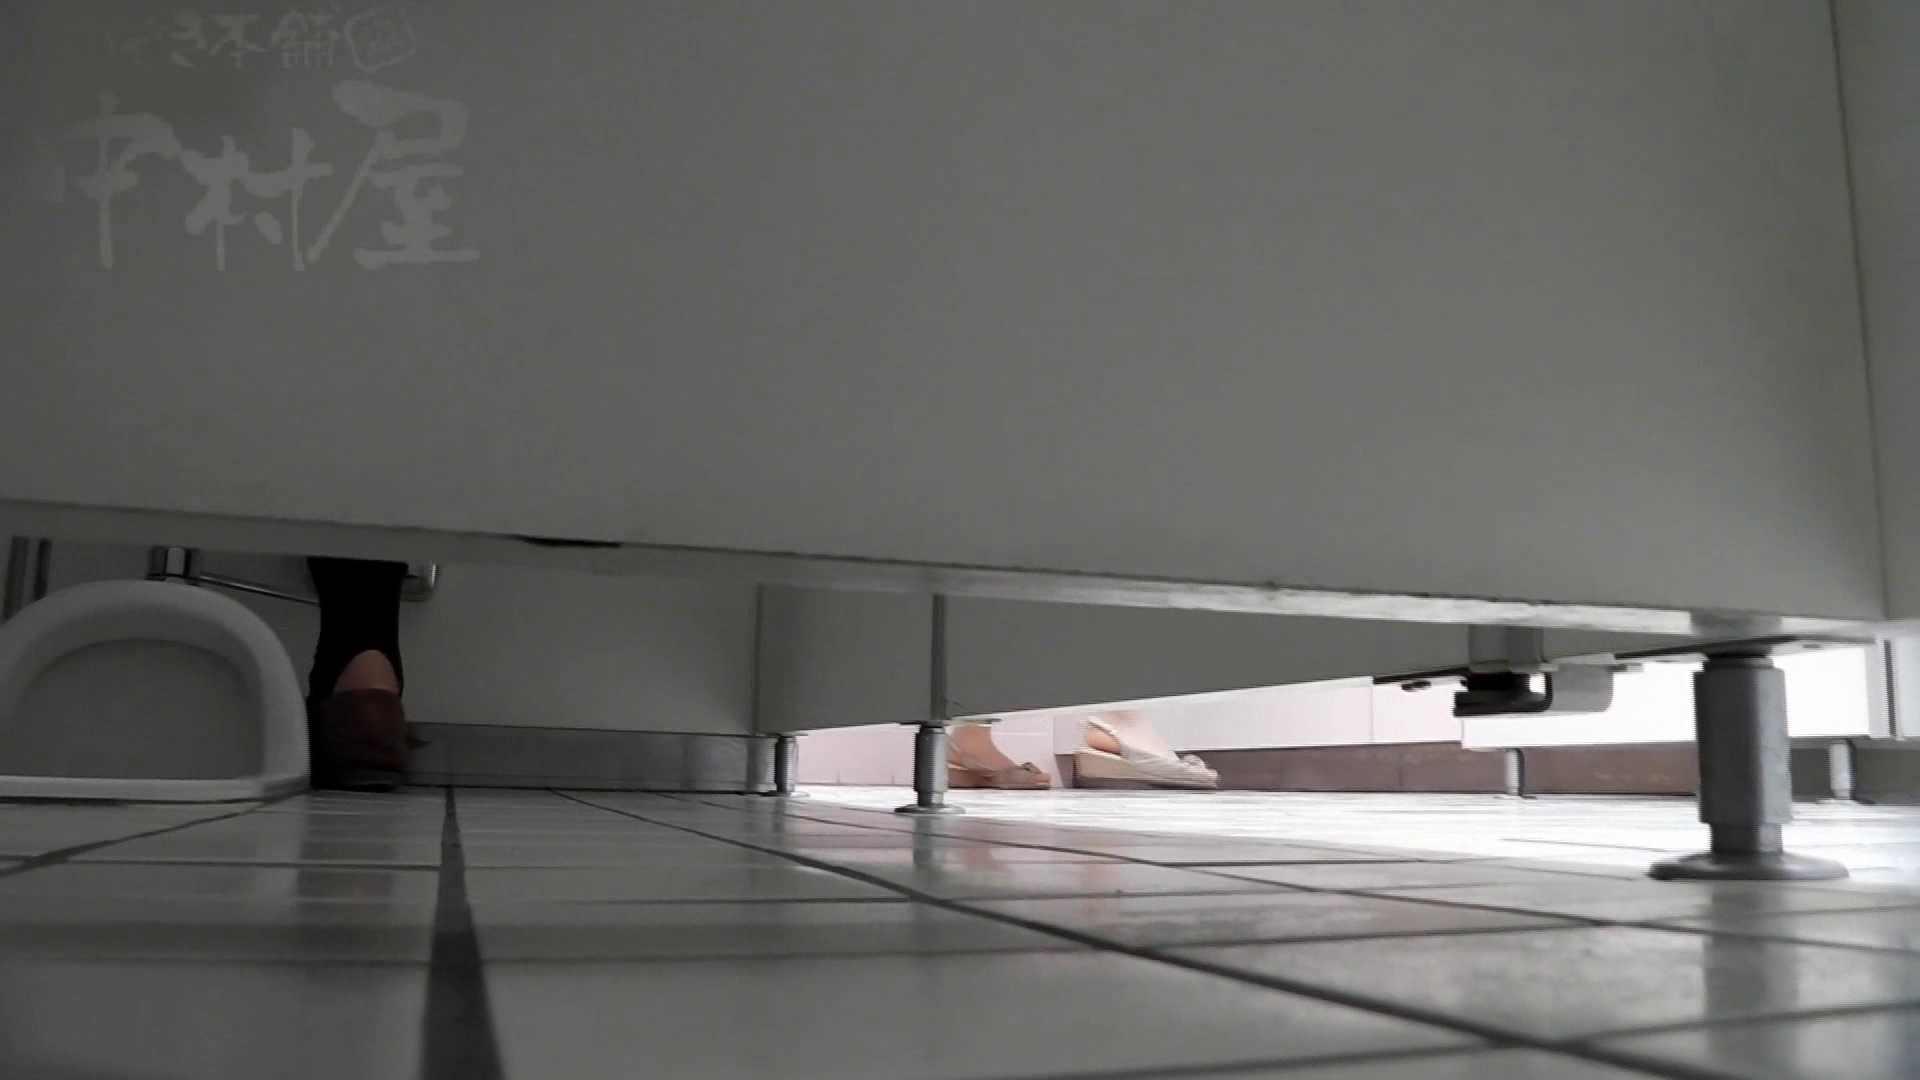 美しい日本の未来 No.29 豹柄サンダルはイ更●気味??? 盗撮シリーズ ワレメ無修正動画無料 111PIX 101